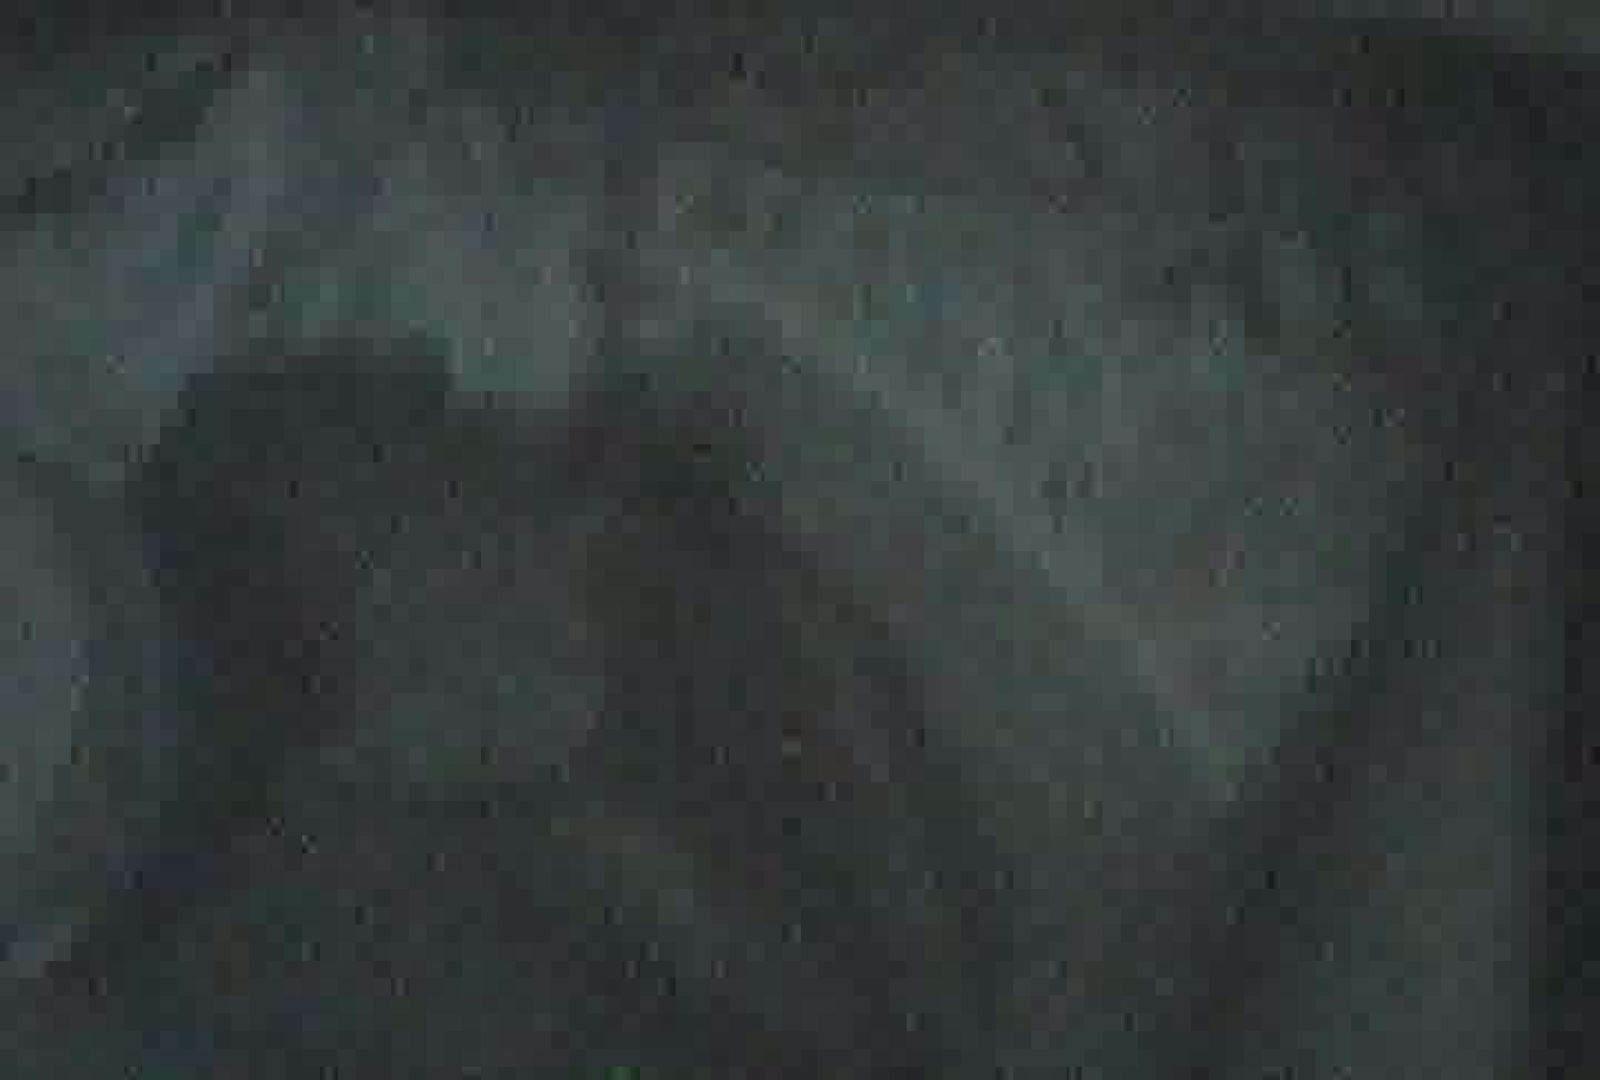 充血監督の深夜の運動会Vol.110 独身エッチOL | カップル  57pic 41